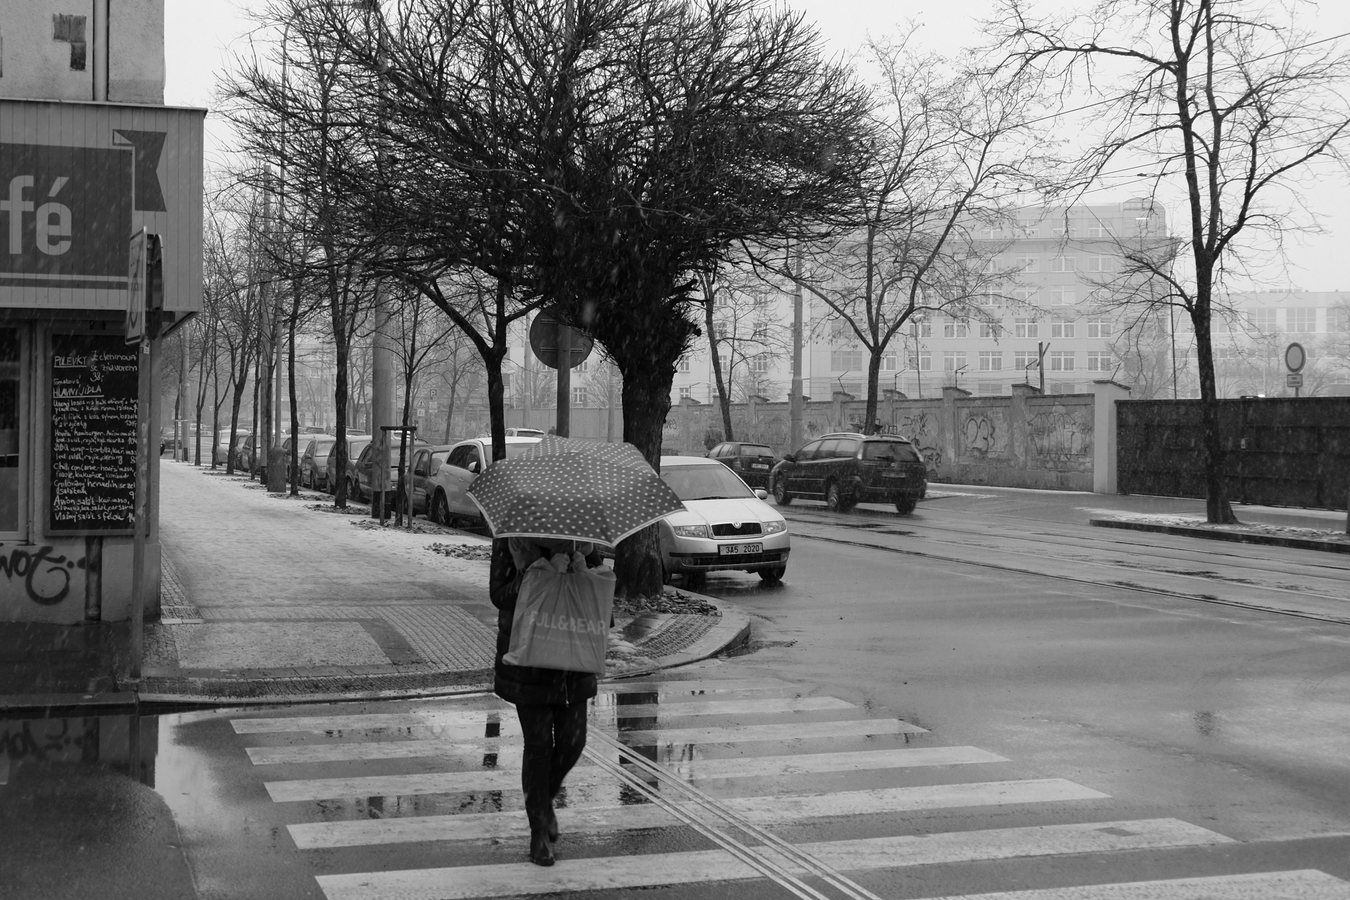 Deštivý den